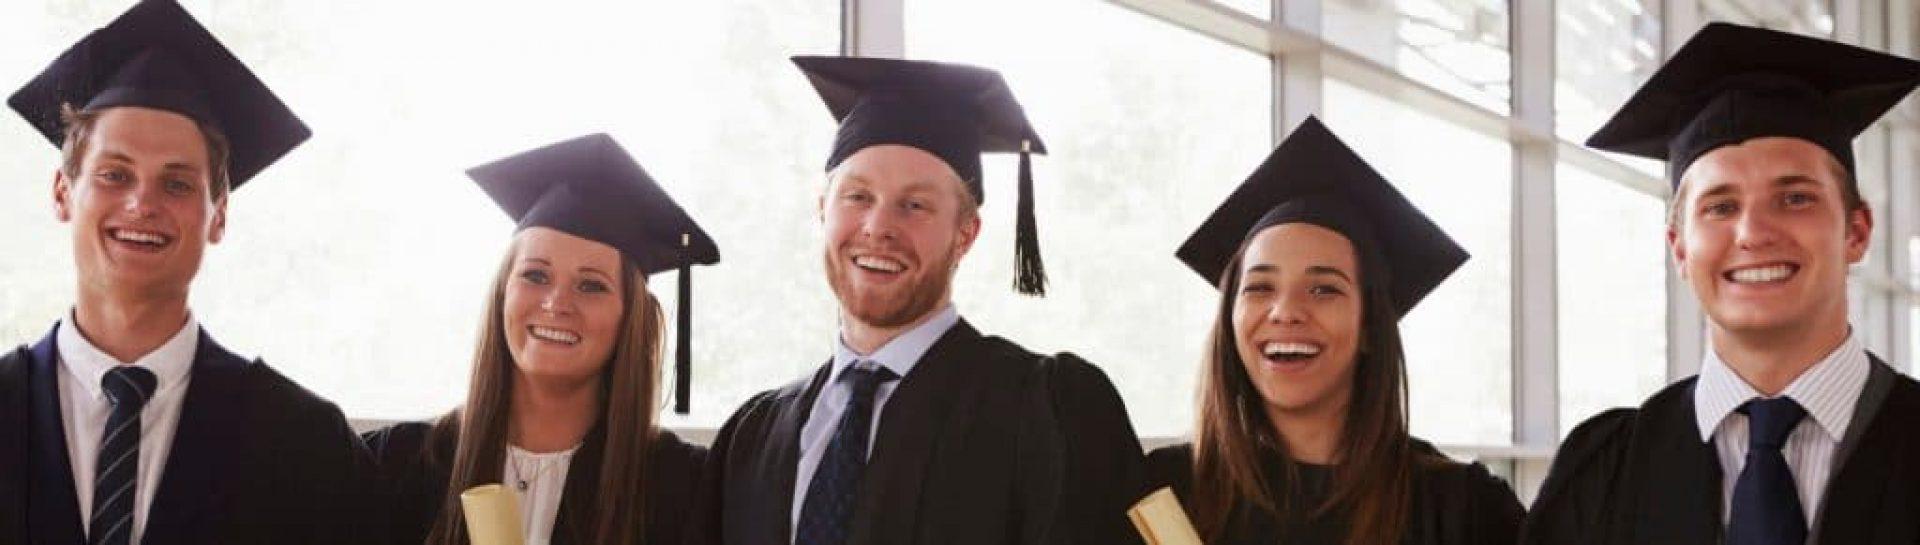 Prepárate para estudiar, trabajar, viajar y vivir en Francia con nuestras certificaciones oficialmente reconocidas por el ministerio de Francia